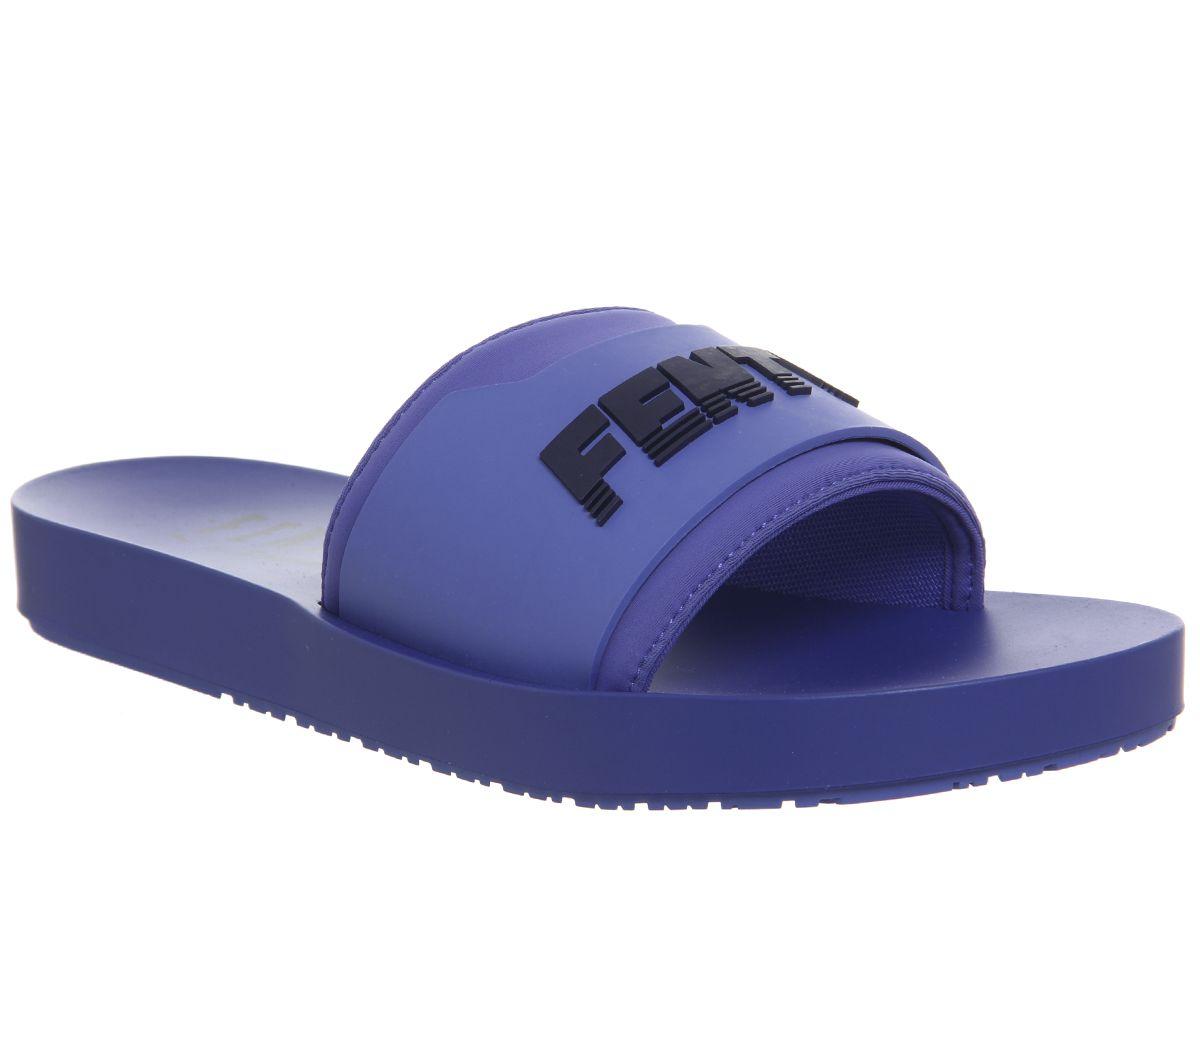 sports shoes 436d0 21d74 Fenty Slides